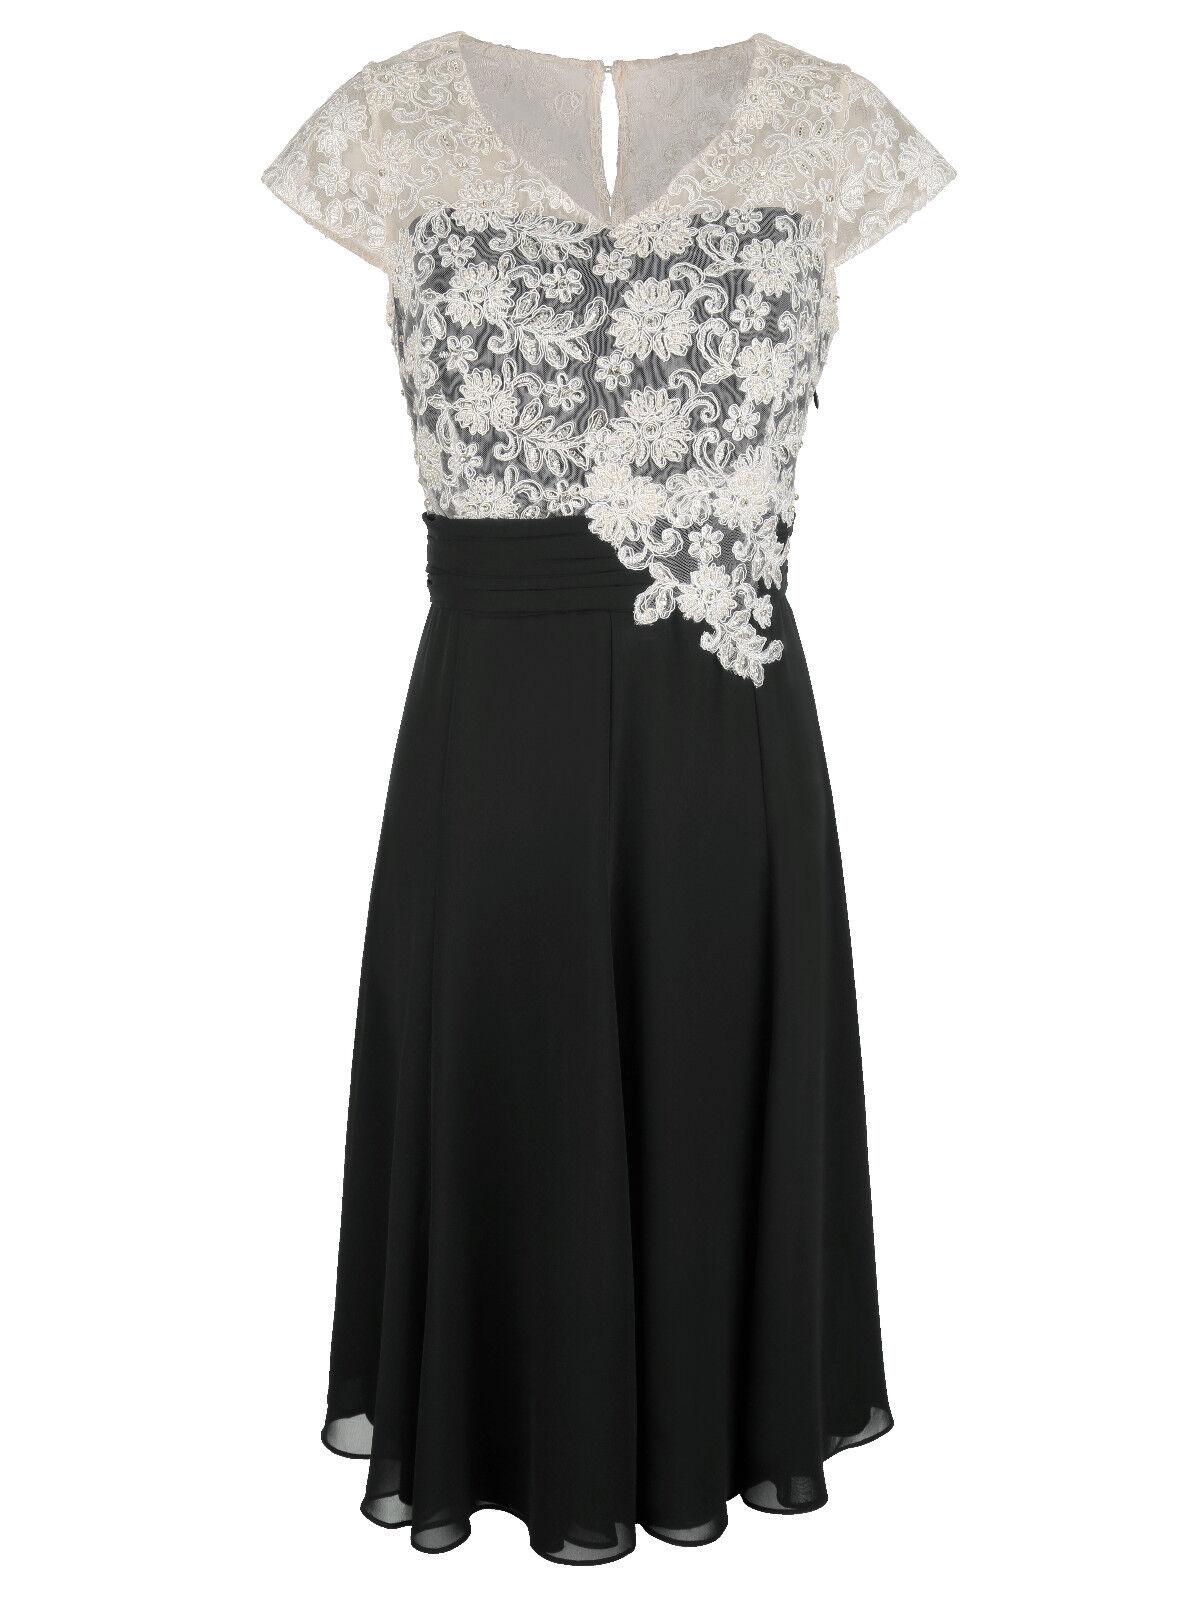 Marken Abend Kleid mit Spitzenoberteil schwarz-ecru Gr. 46 0618988675 | | | Ausgewählte Materialien  | Schön geformt  2e3db8